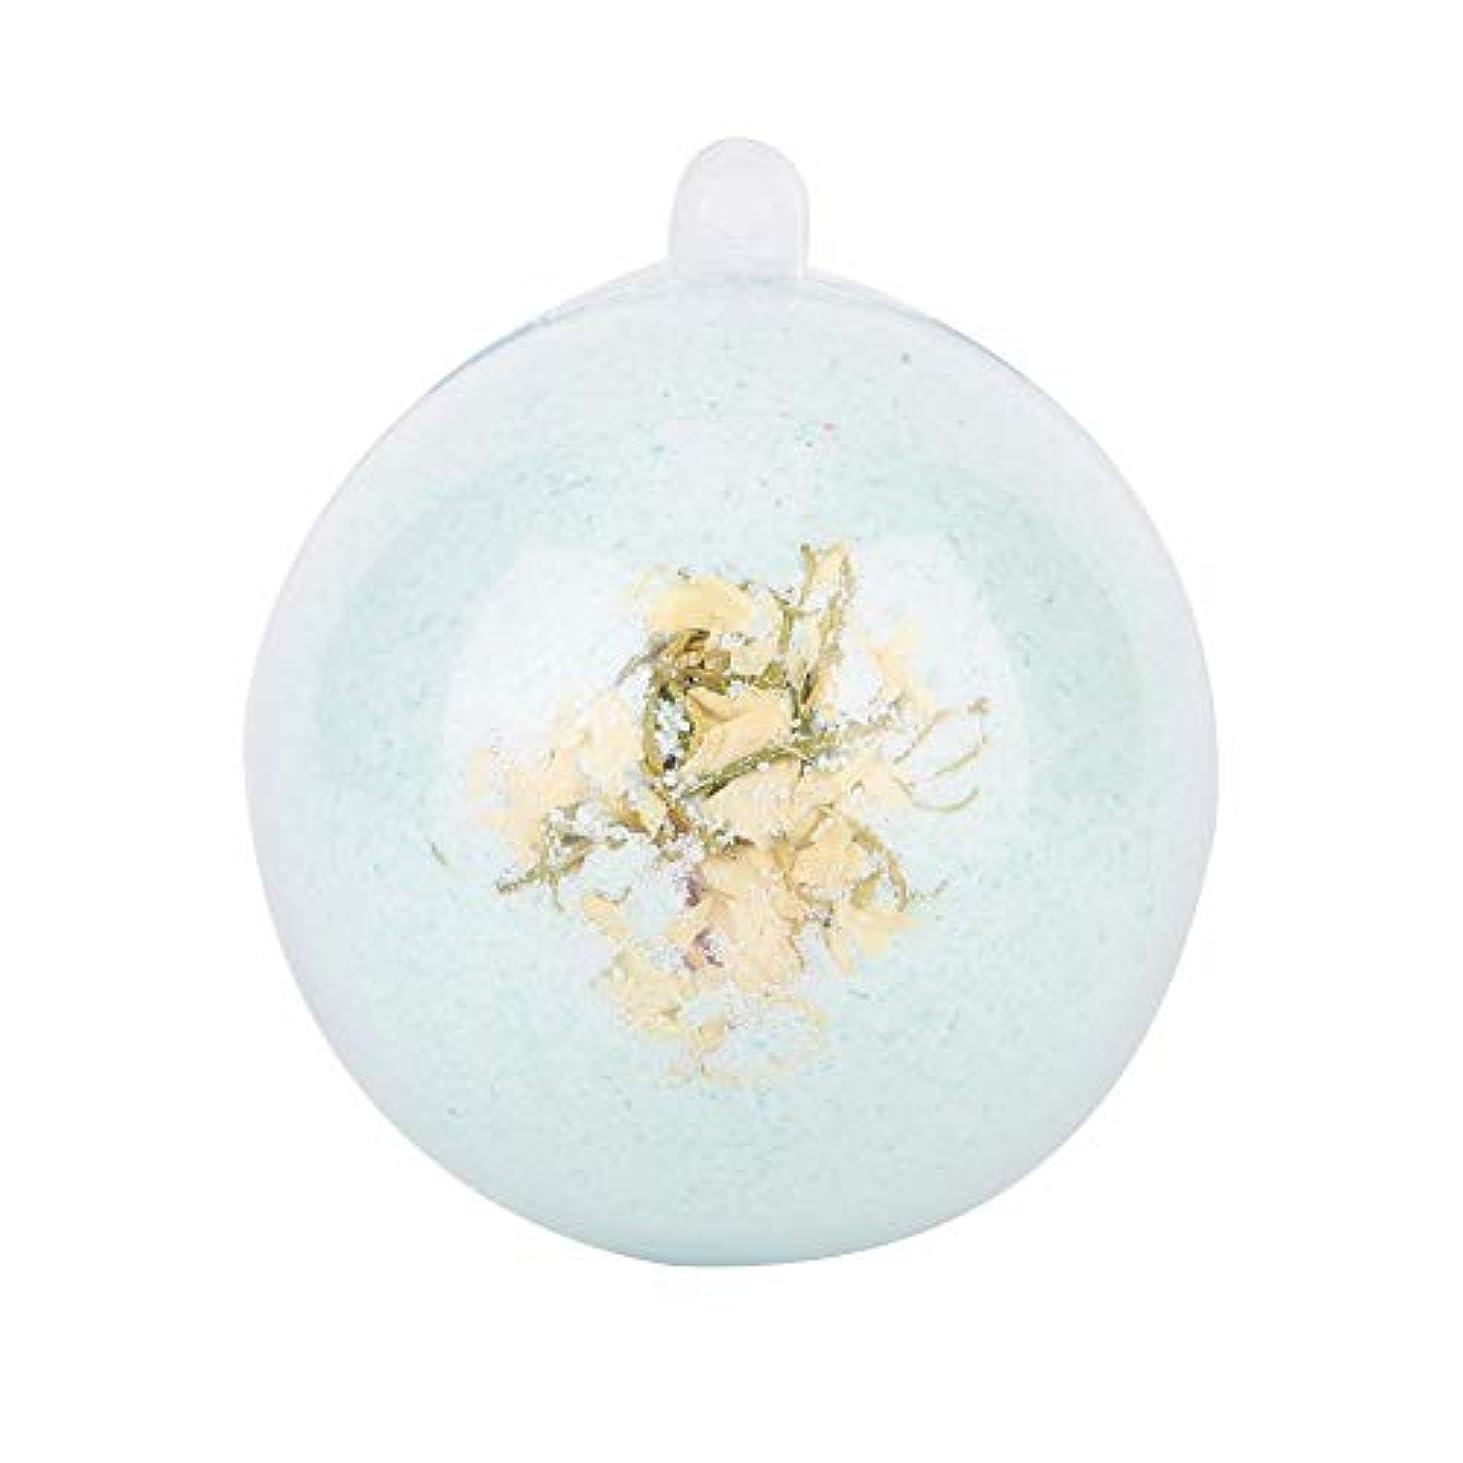 一致する反映する拷問dootiバスボム 6個セット 爆弾バスボール 入浴剤 プレゼント用 香り 入浴 風呂 お湯 優しい